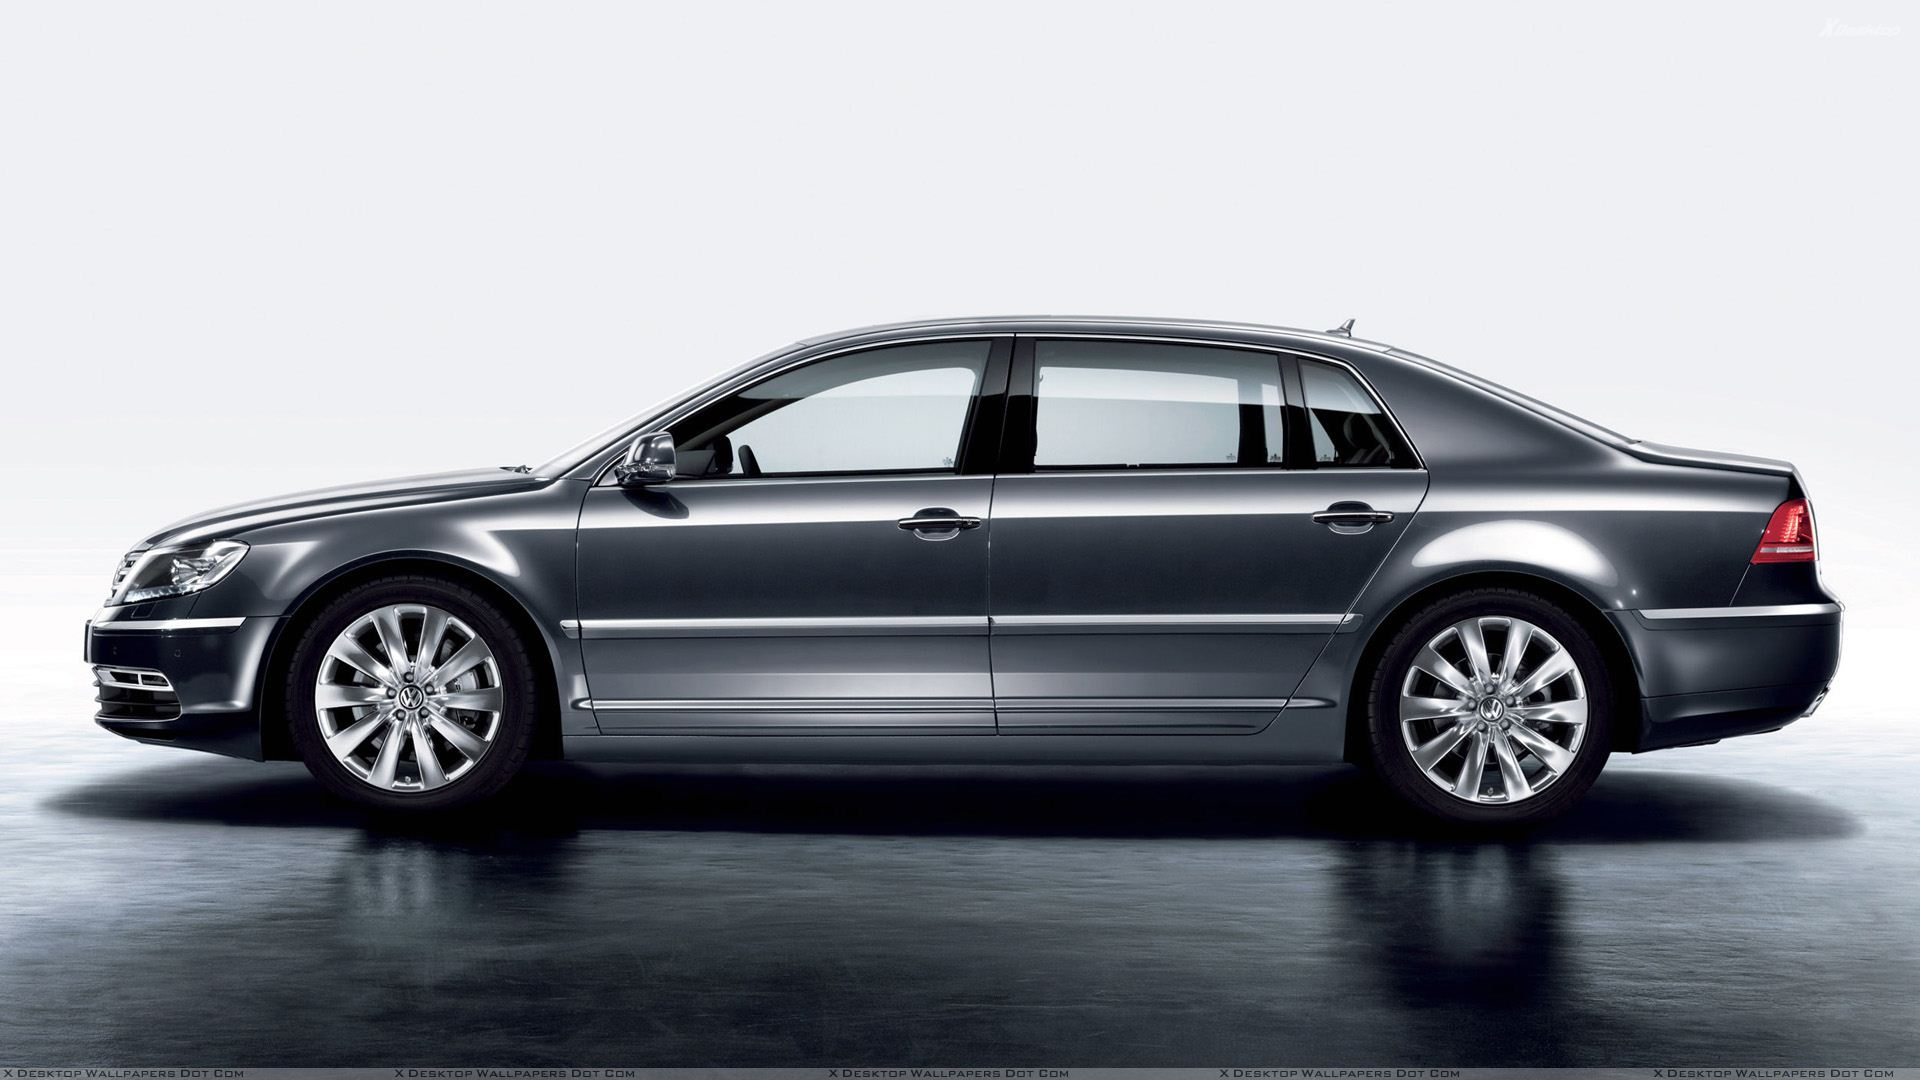 Next Gen Volkswagen Phaeton Delayed